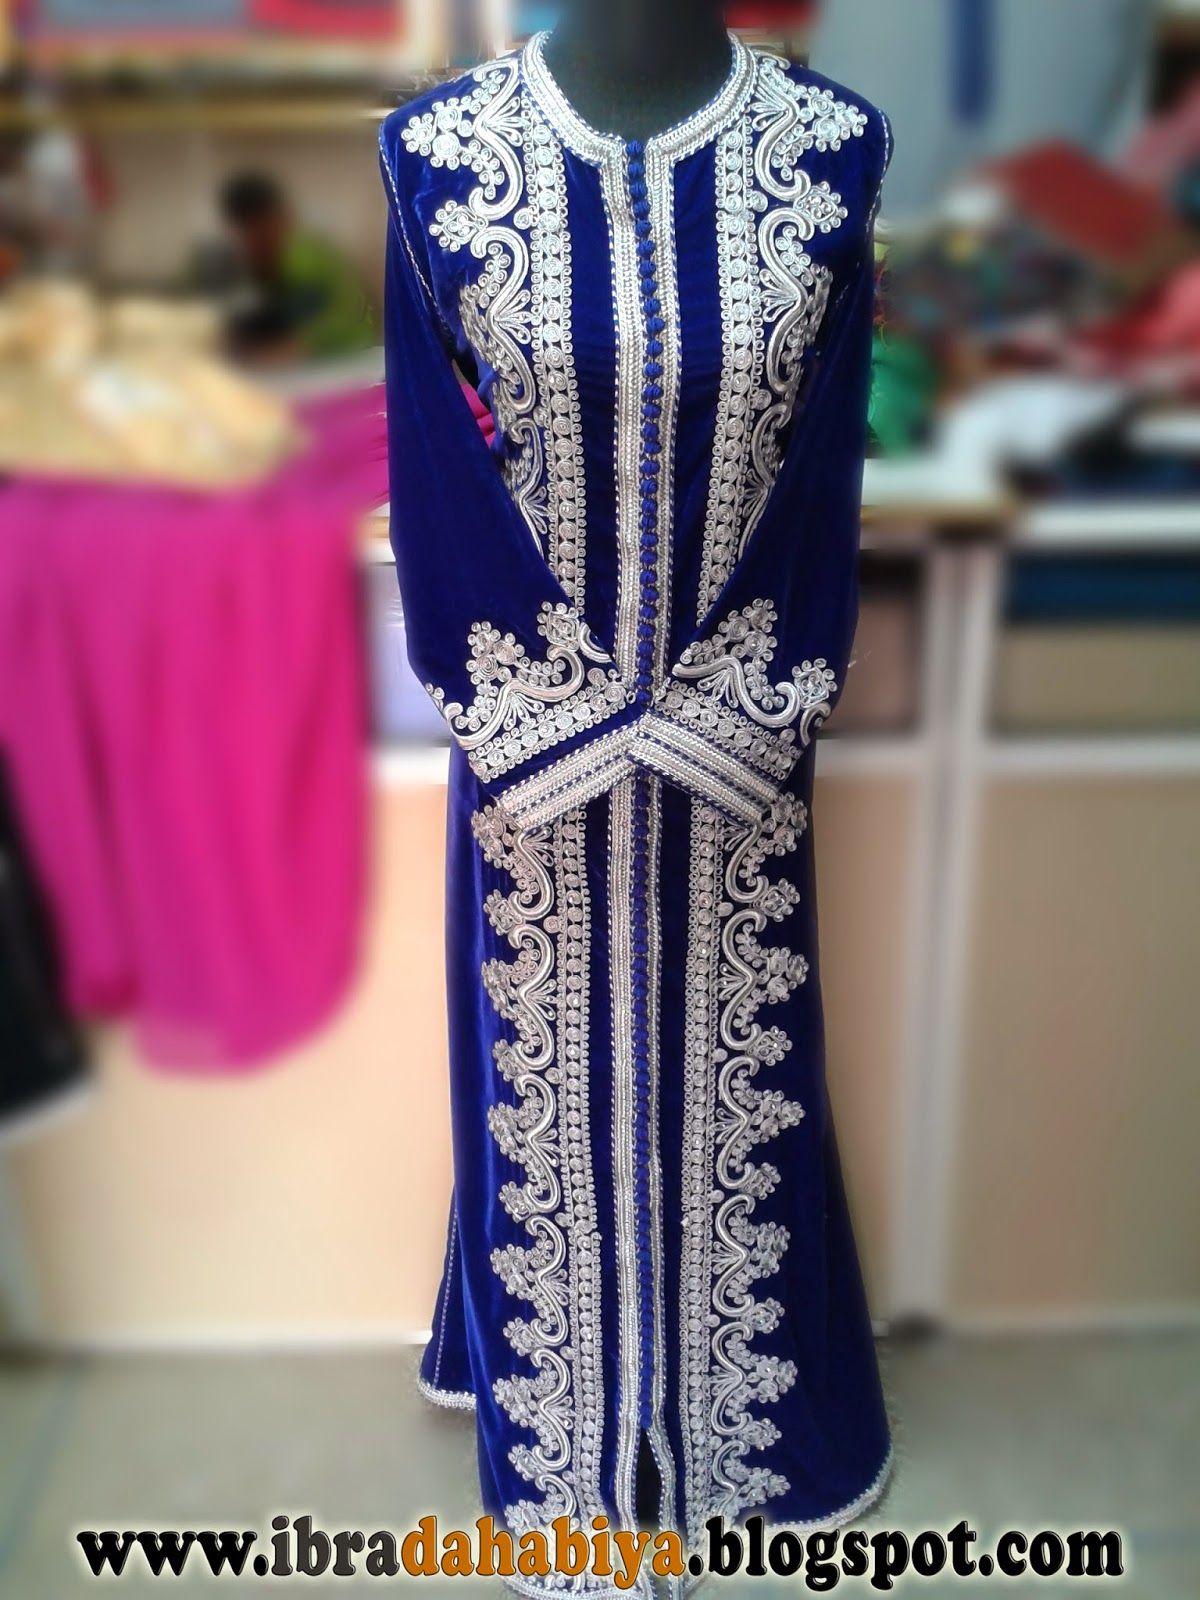 33 ثوب المبرة و الطرز الفضي و السفيفة كل هذا في قفطان مغربي Caftan Moroccan Caftan Maxi Dress